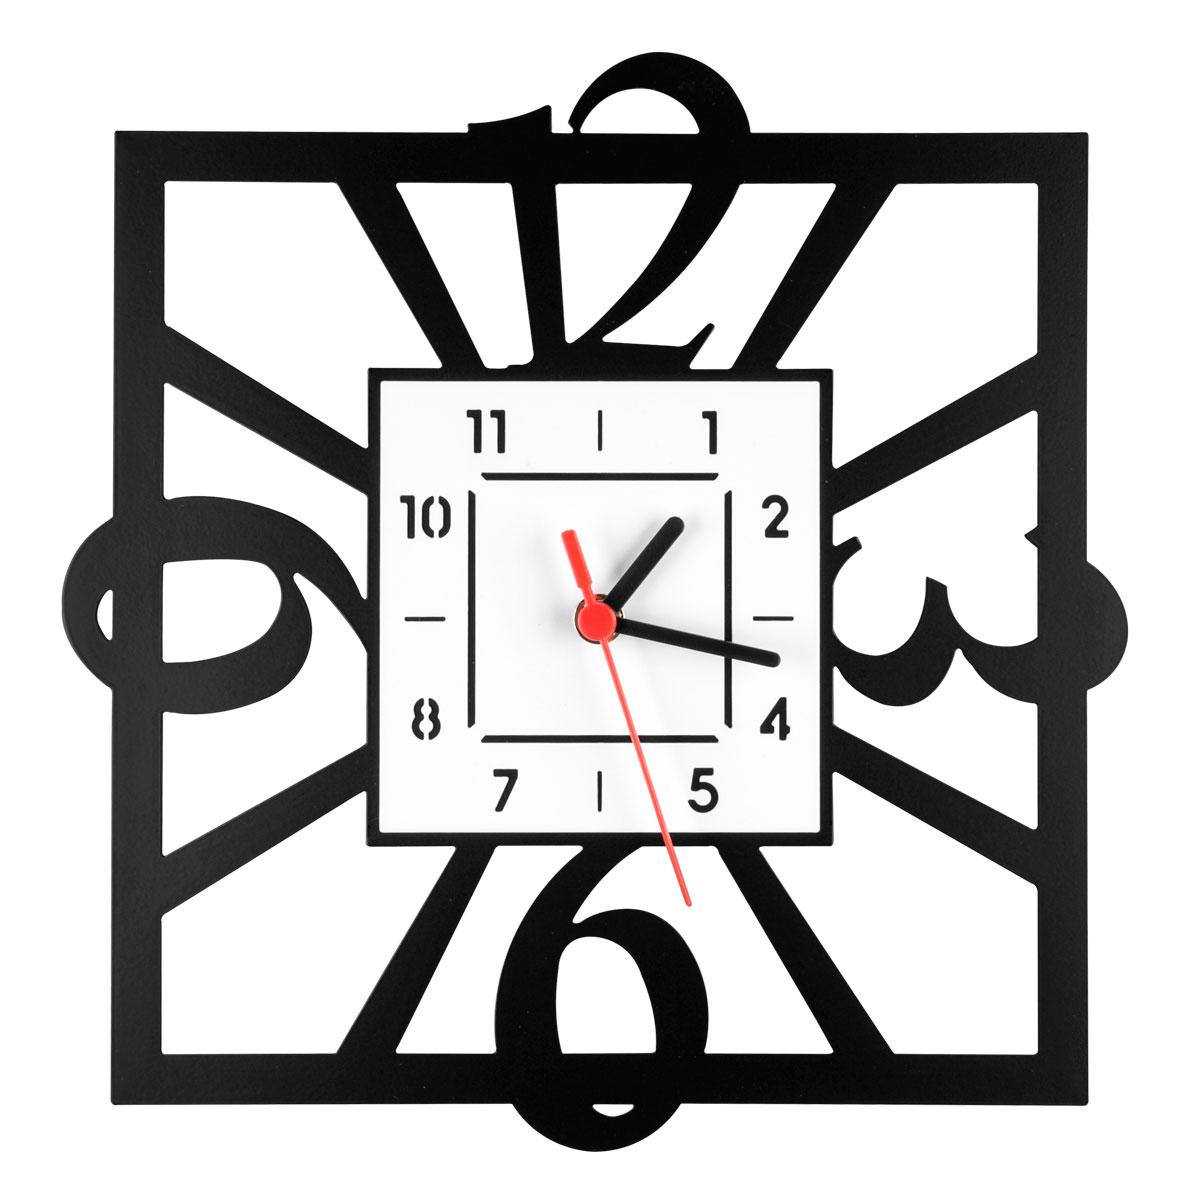 Часы настенные Miolla Квадратные, цвет: белый, черныйCH012Оригинальные настенные часы круглой формы выполнены из стали. Часы имеют три стрелки - часовую, минутную и секундную и циферблат с цифрами. Необычное дизайнерское решение и качество исполнения придутся по вкусу каждому. Оформите свой дом таким интерьерным аксессуаром или преподнесите его в качестве презента друзьям, и они оценят ваш оригинальный вкус и неординарность подарка.